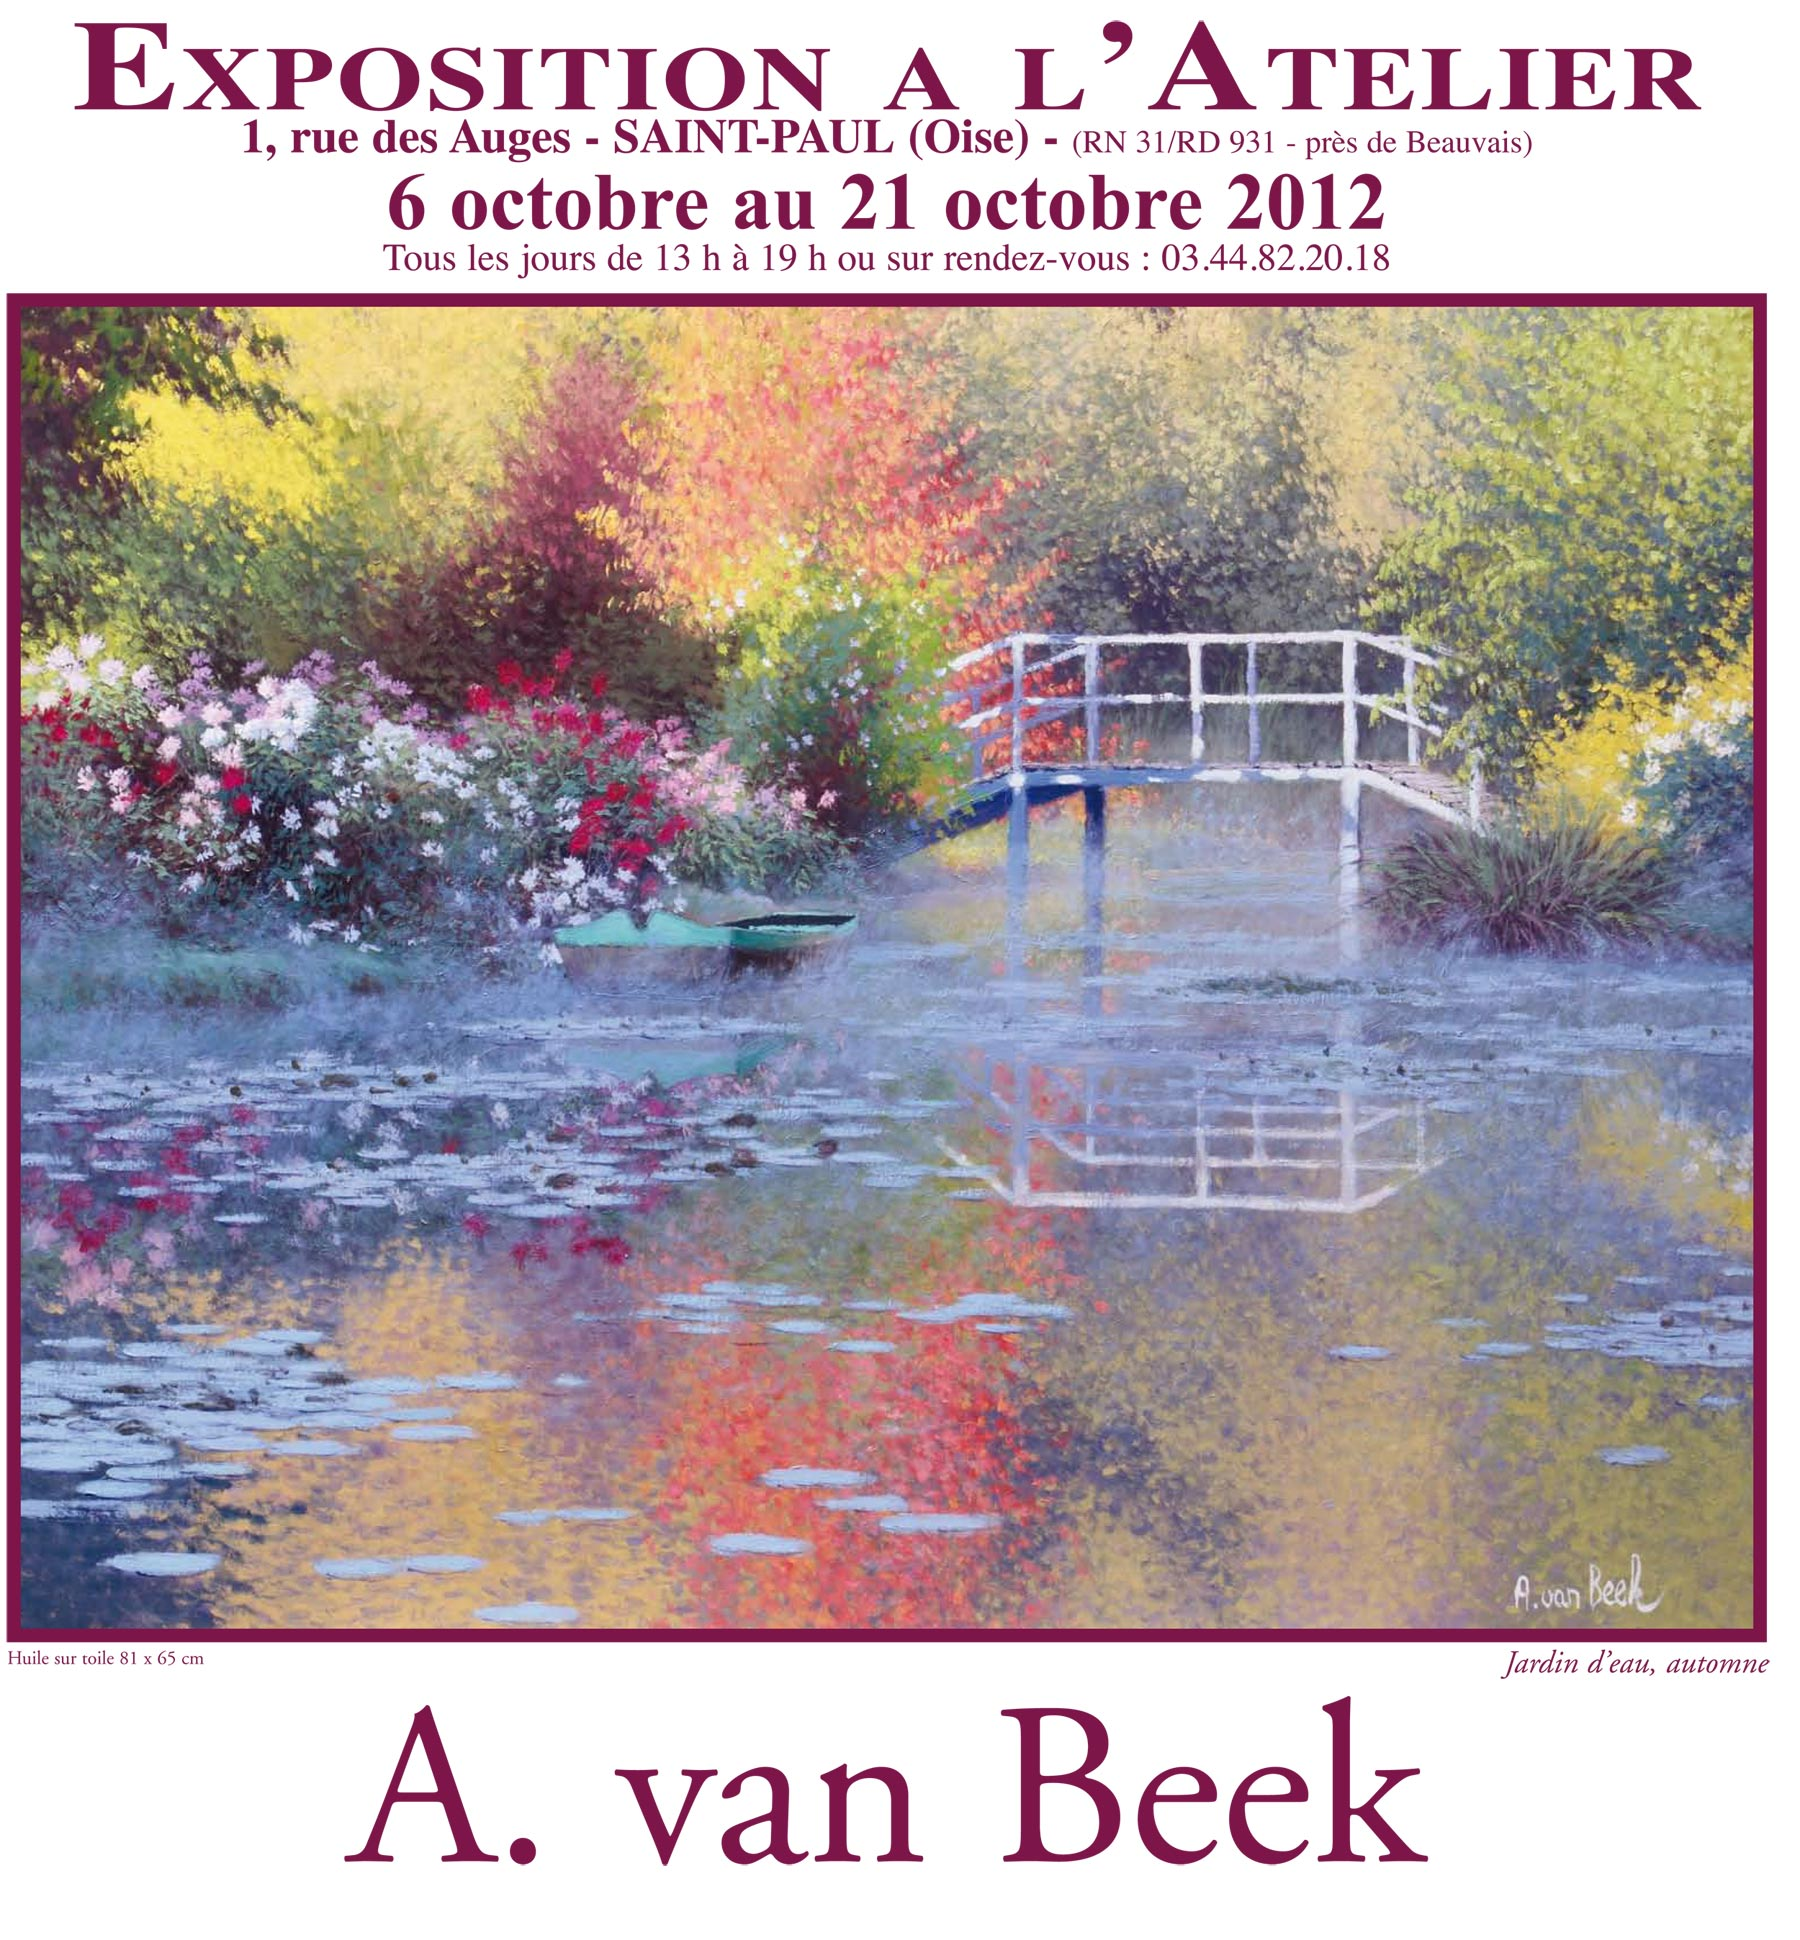 http://www.andrevanbeek.com/wp-content/uploads/2012/08/exposition-van-Beek2.jpg